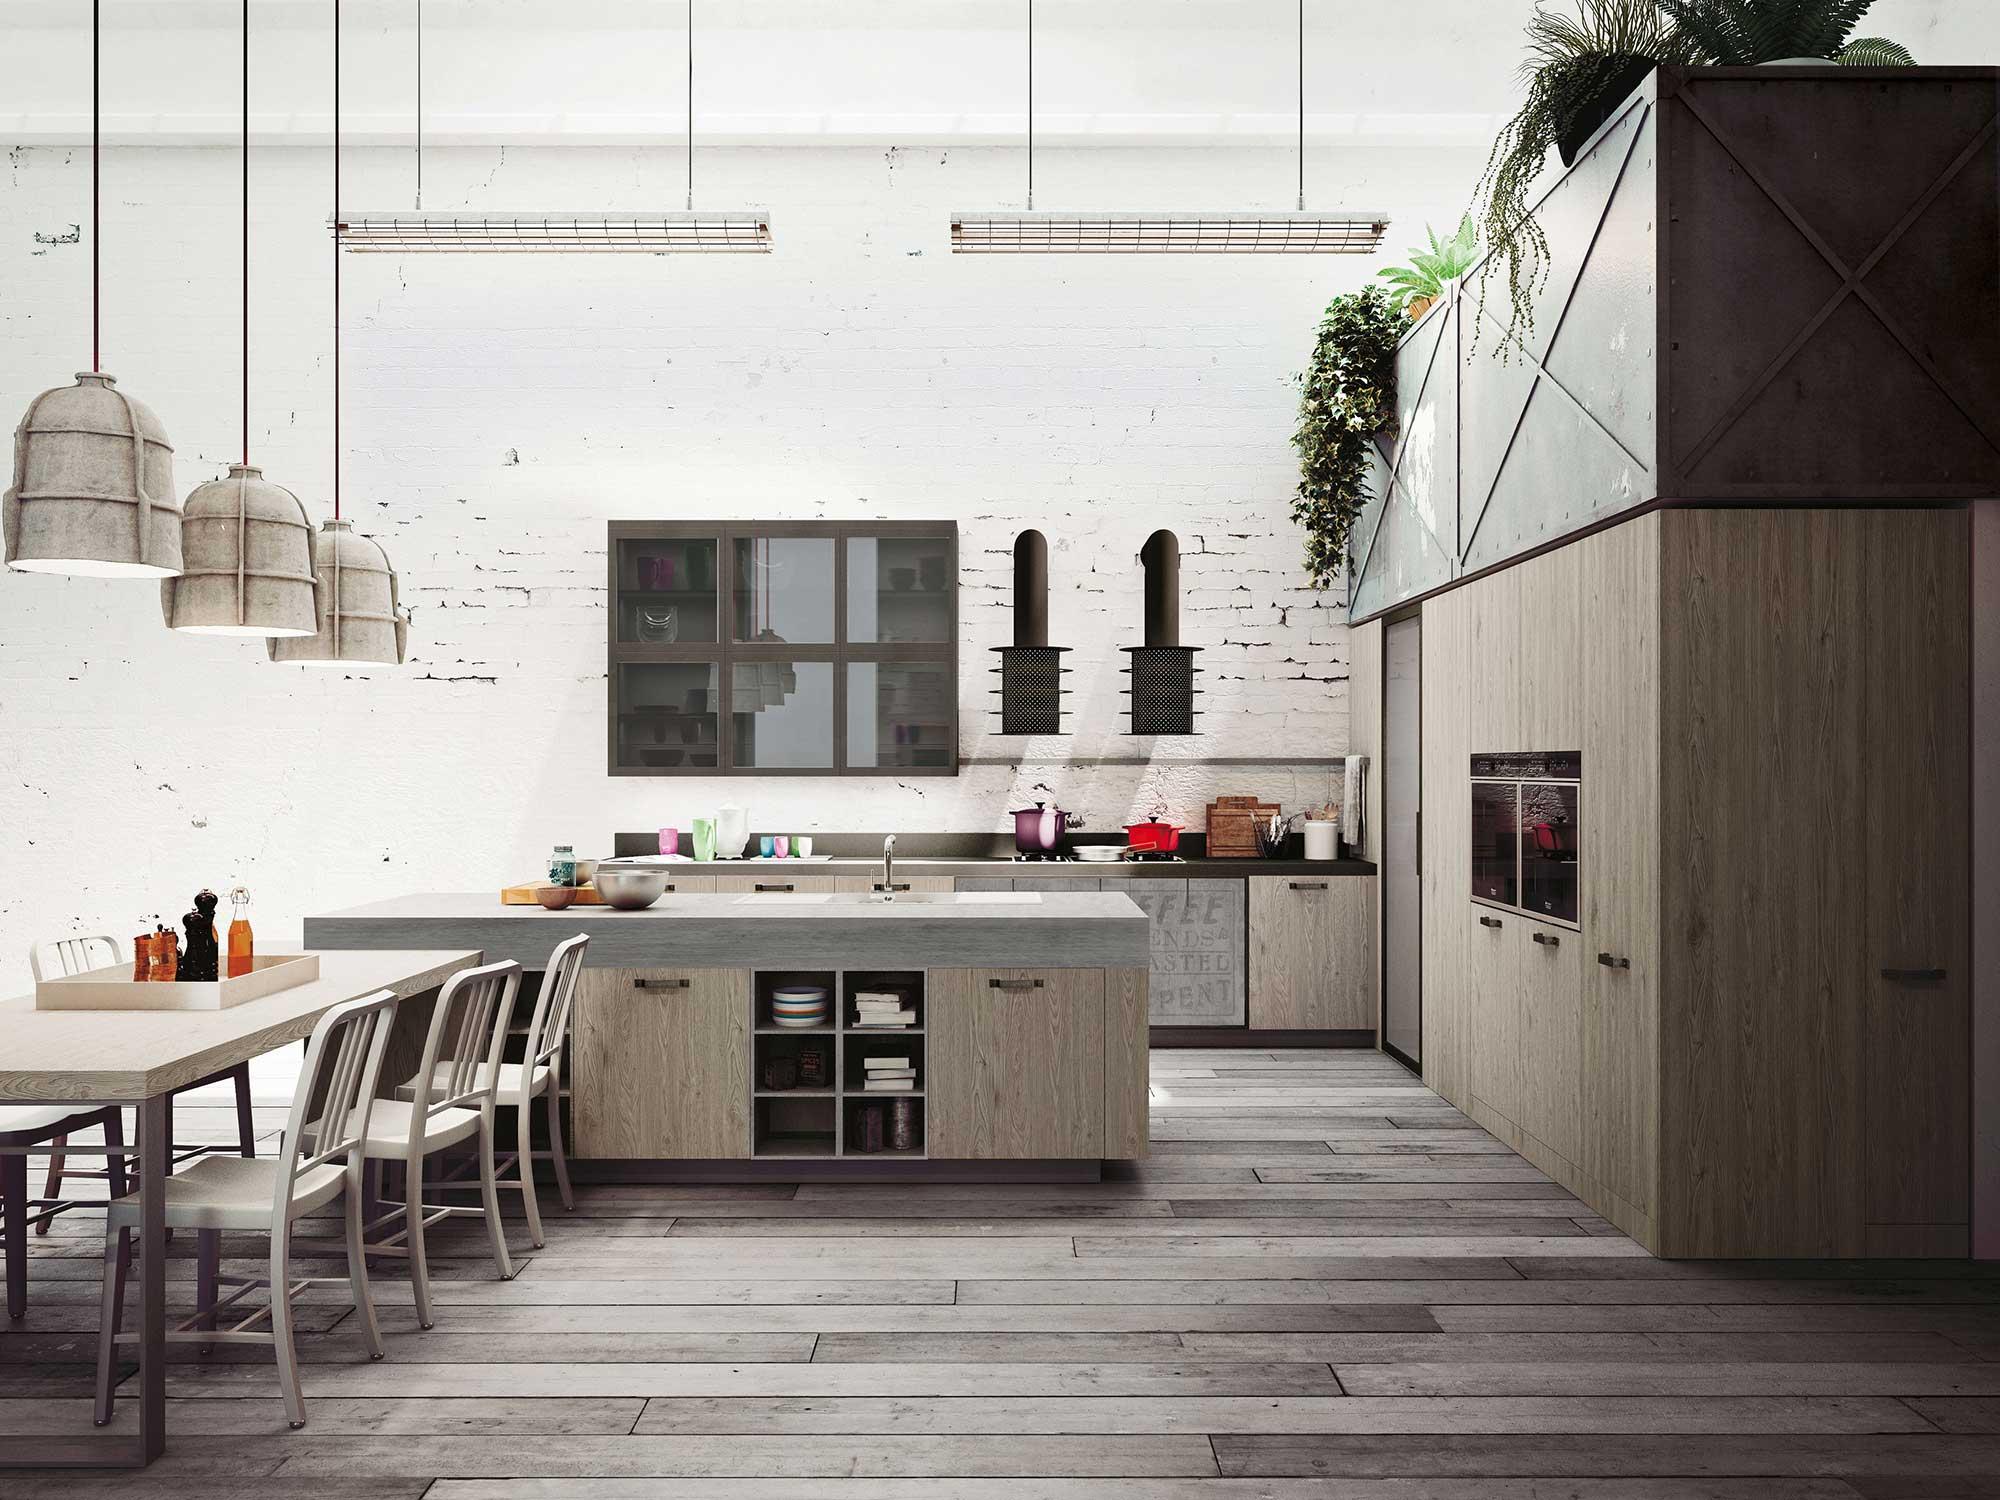 cucine-in-legno-design-loft-snaidero-dettaglio-11